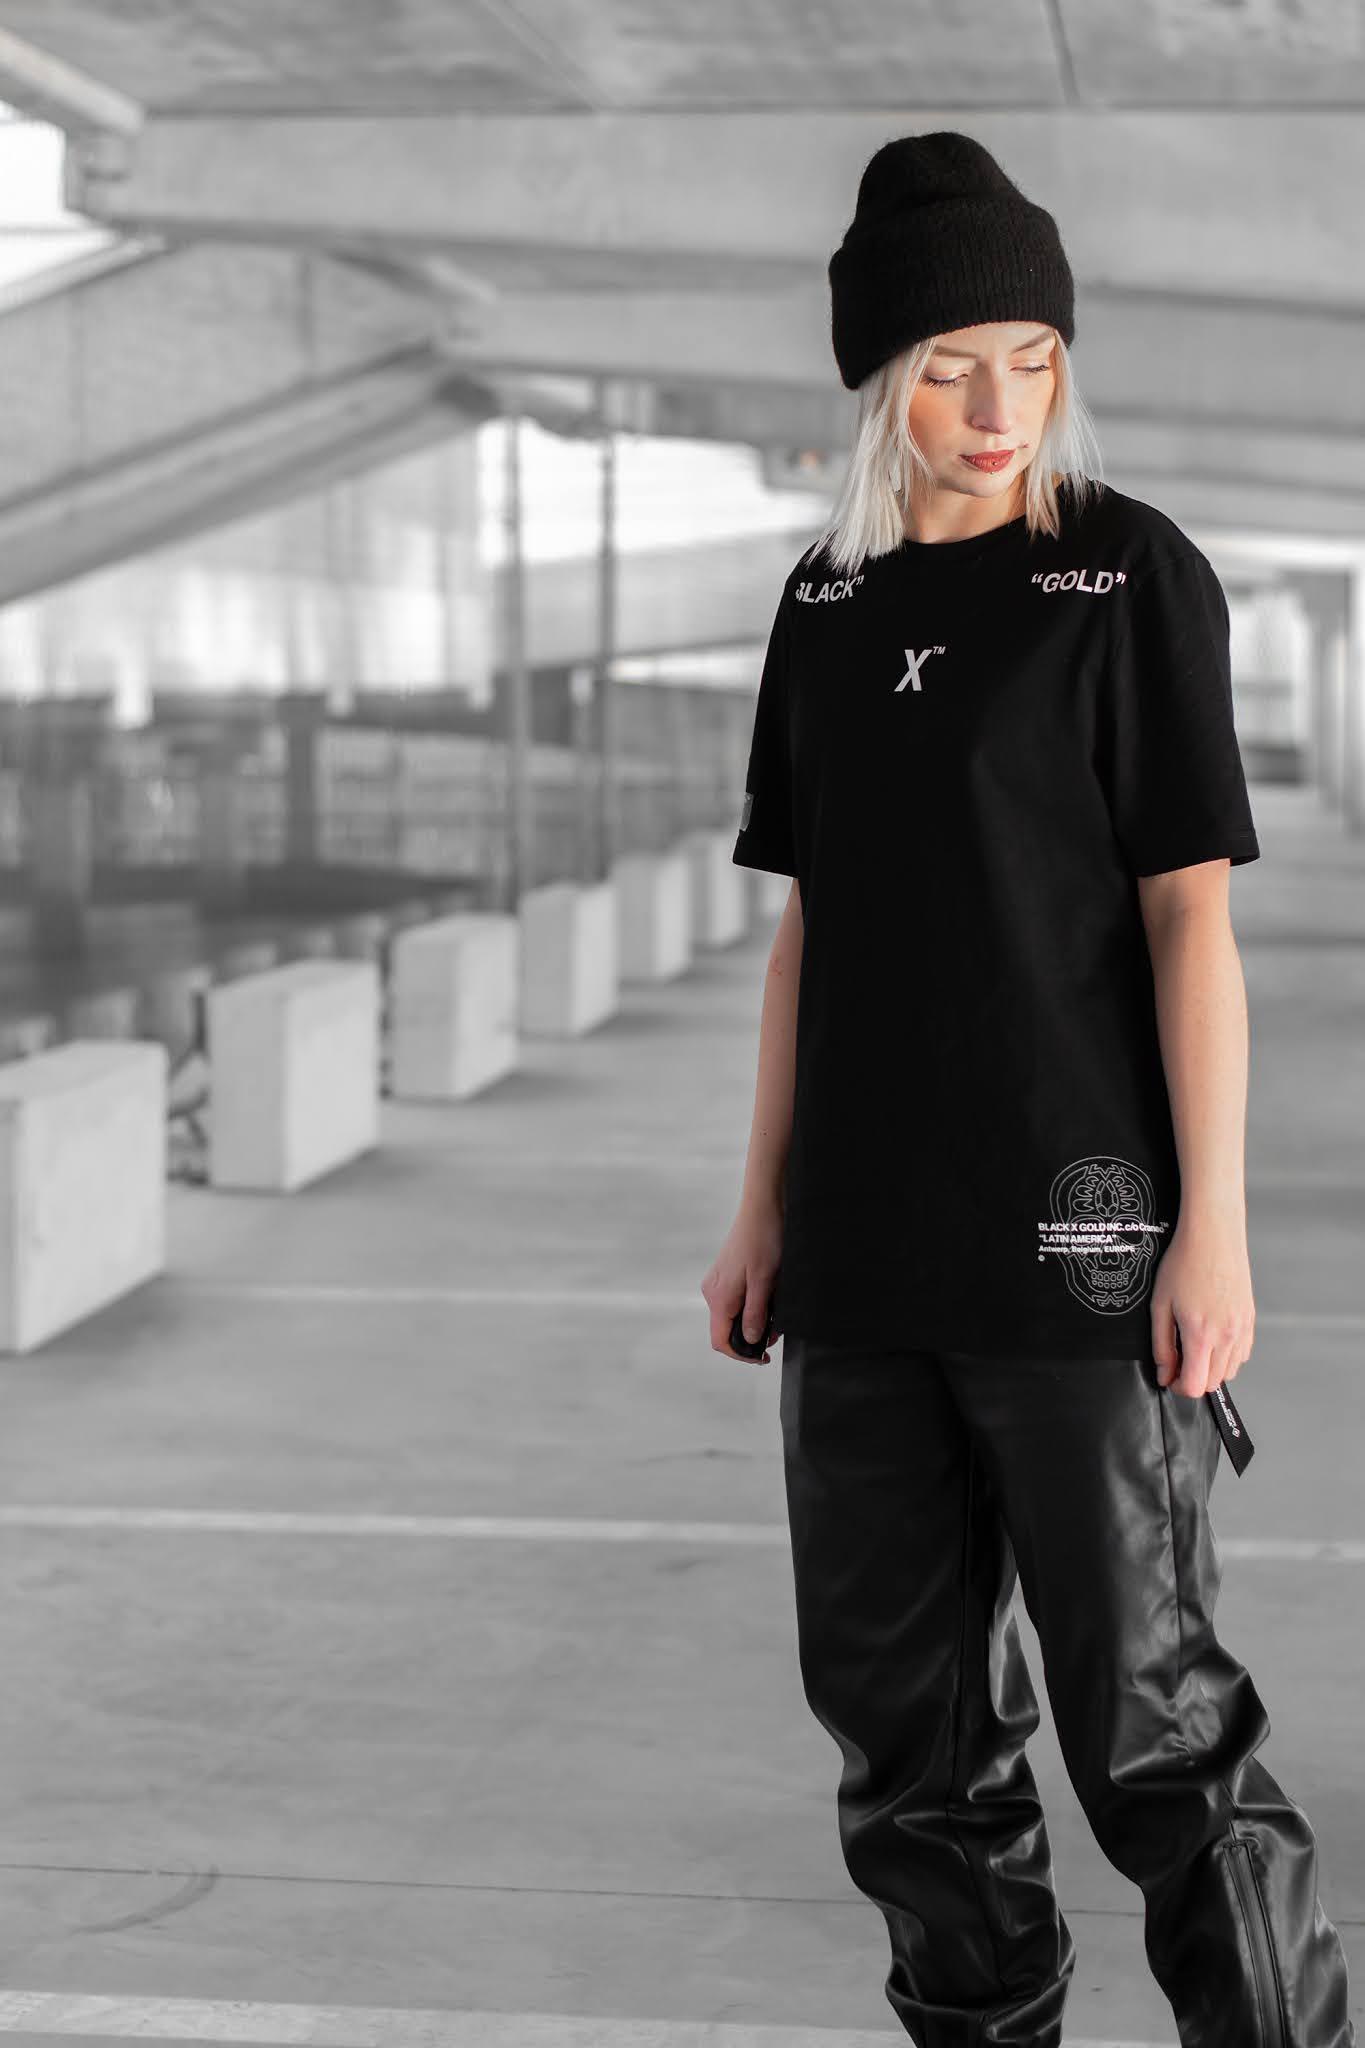 Black & gold, official, utility collection, street style, belgium, ik koop belgisch, belgian brand, streetwear, 2021